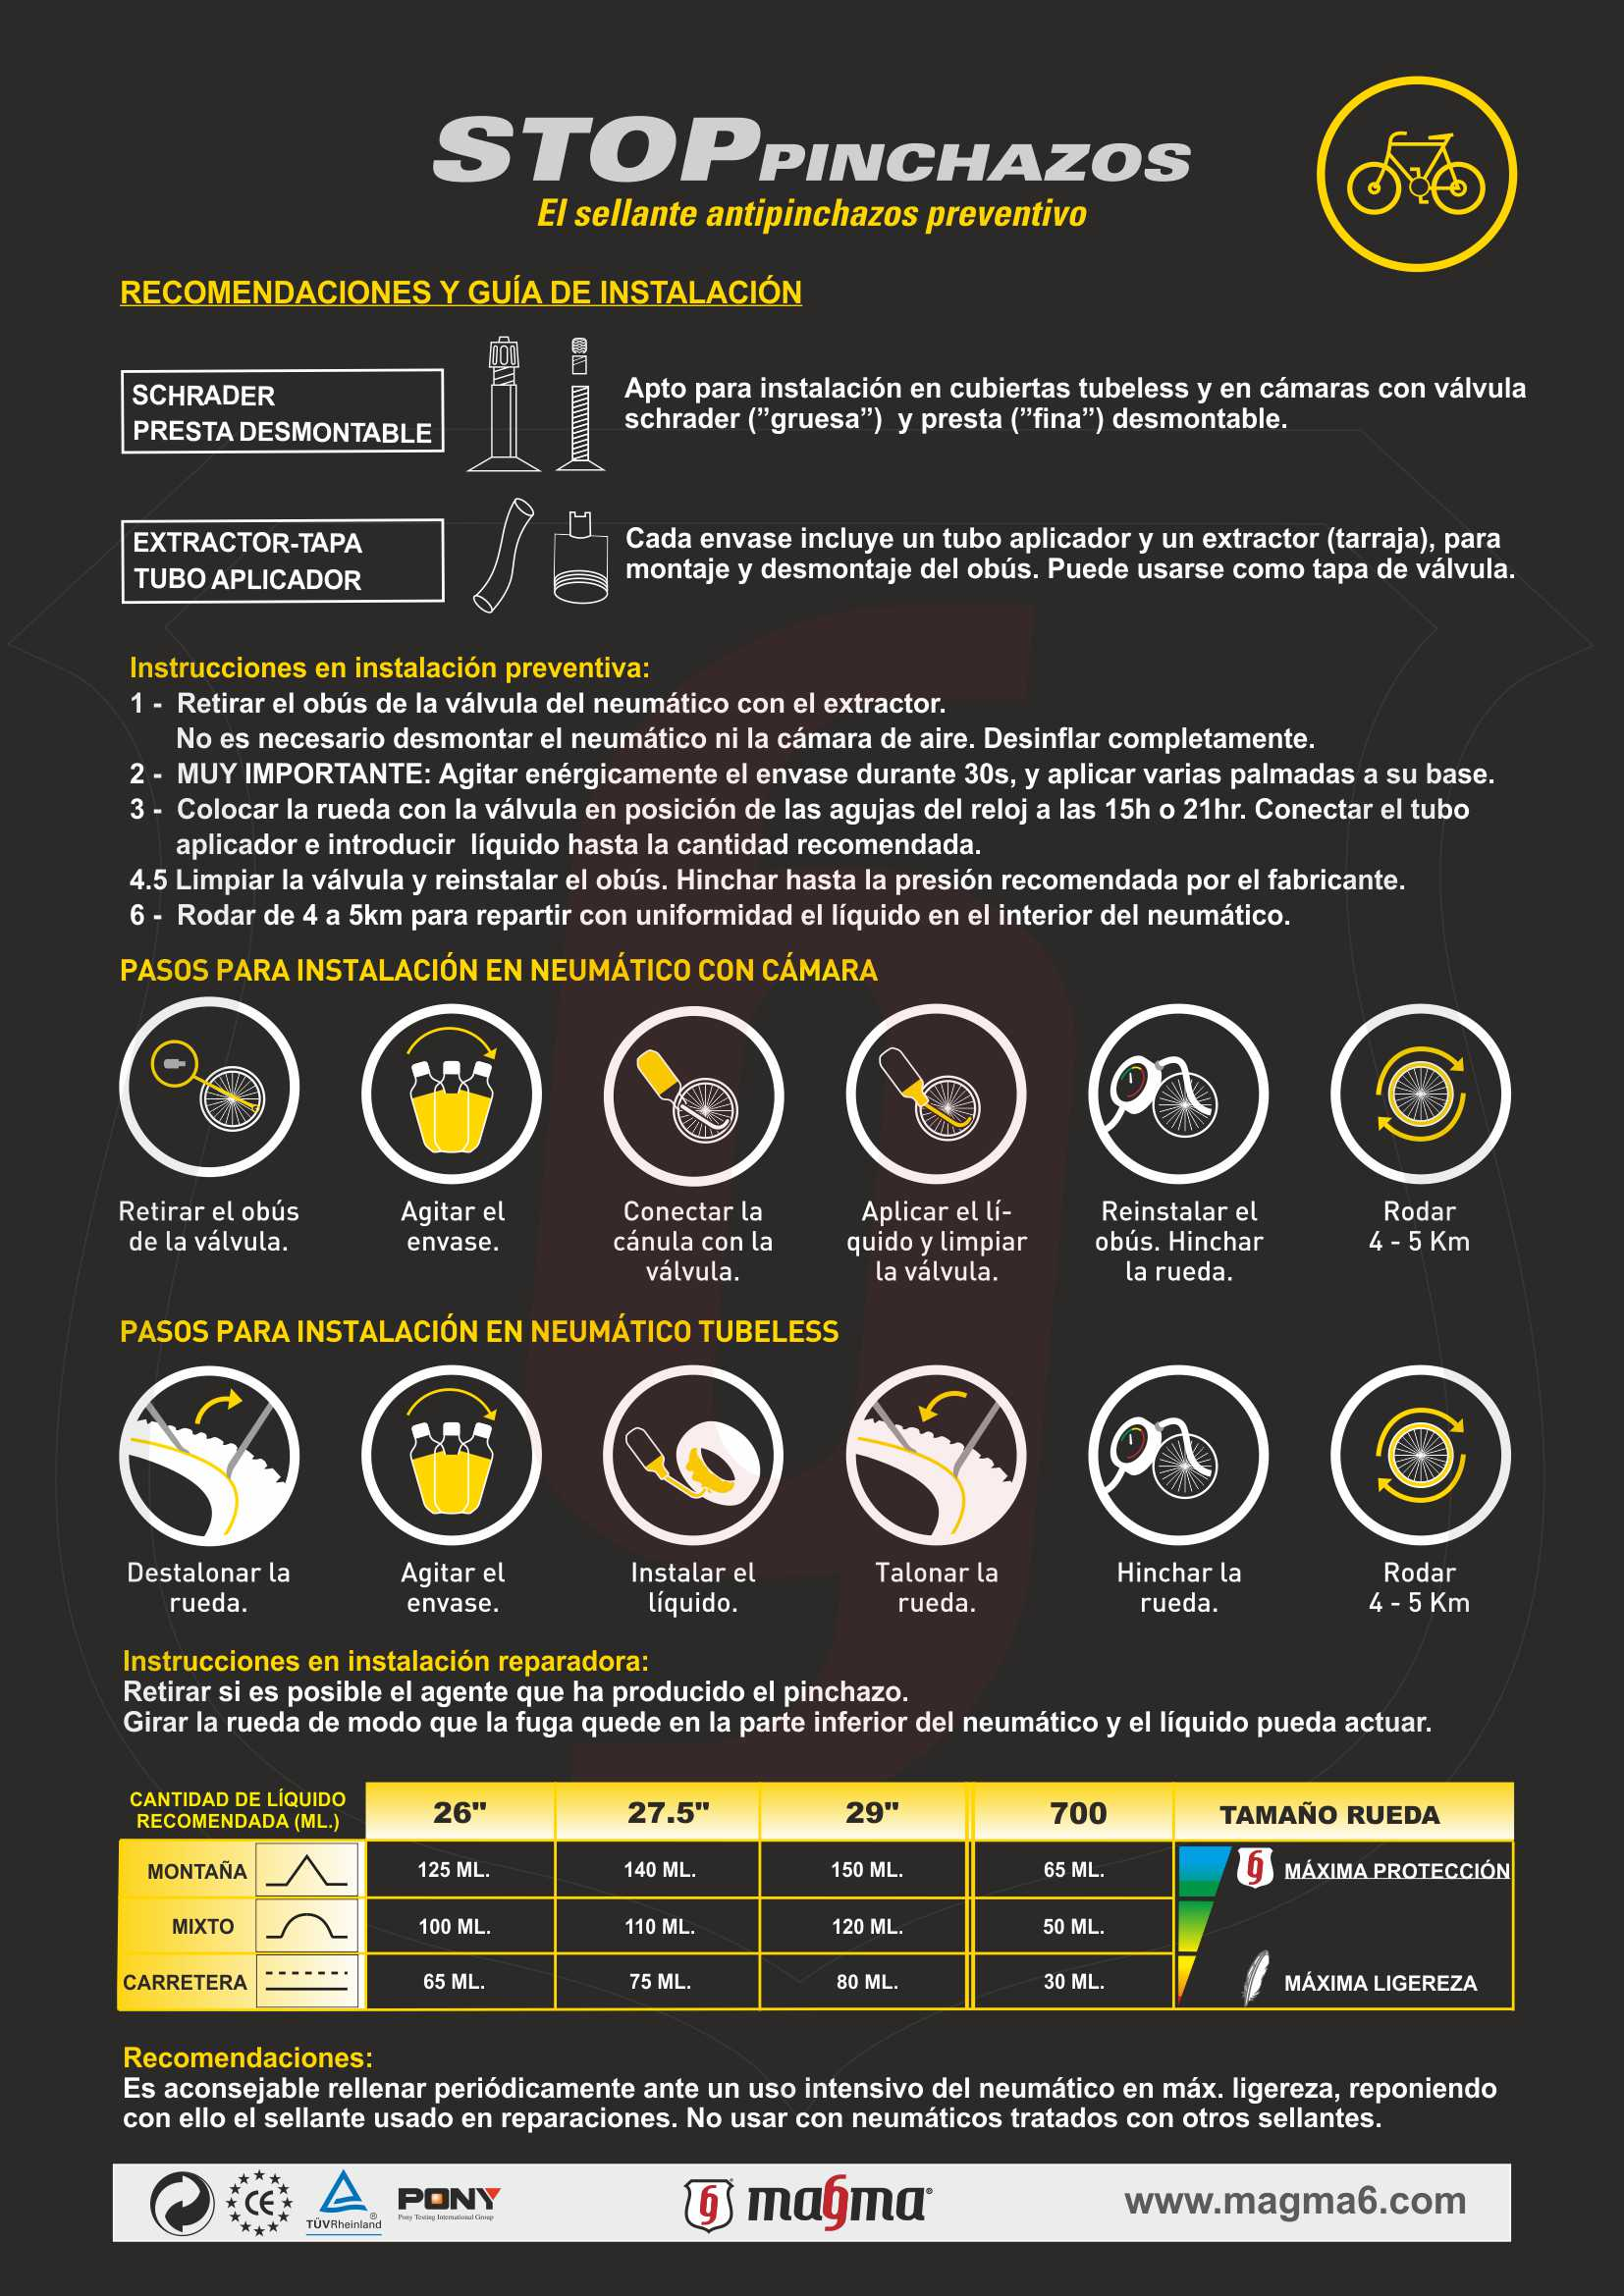 Guía técnica, características y funcionamiento de Stop Pinchazos (II)